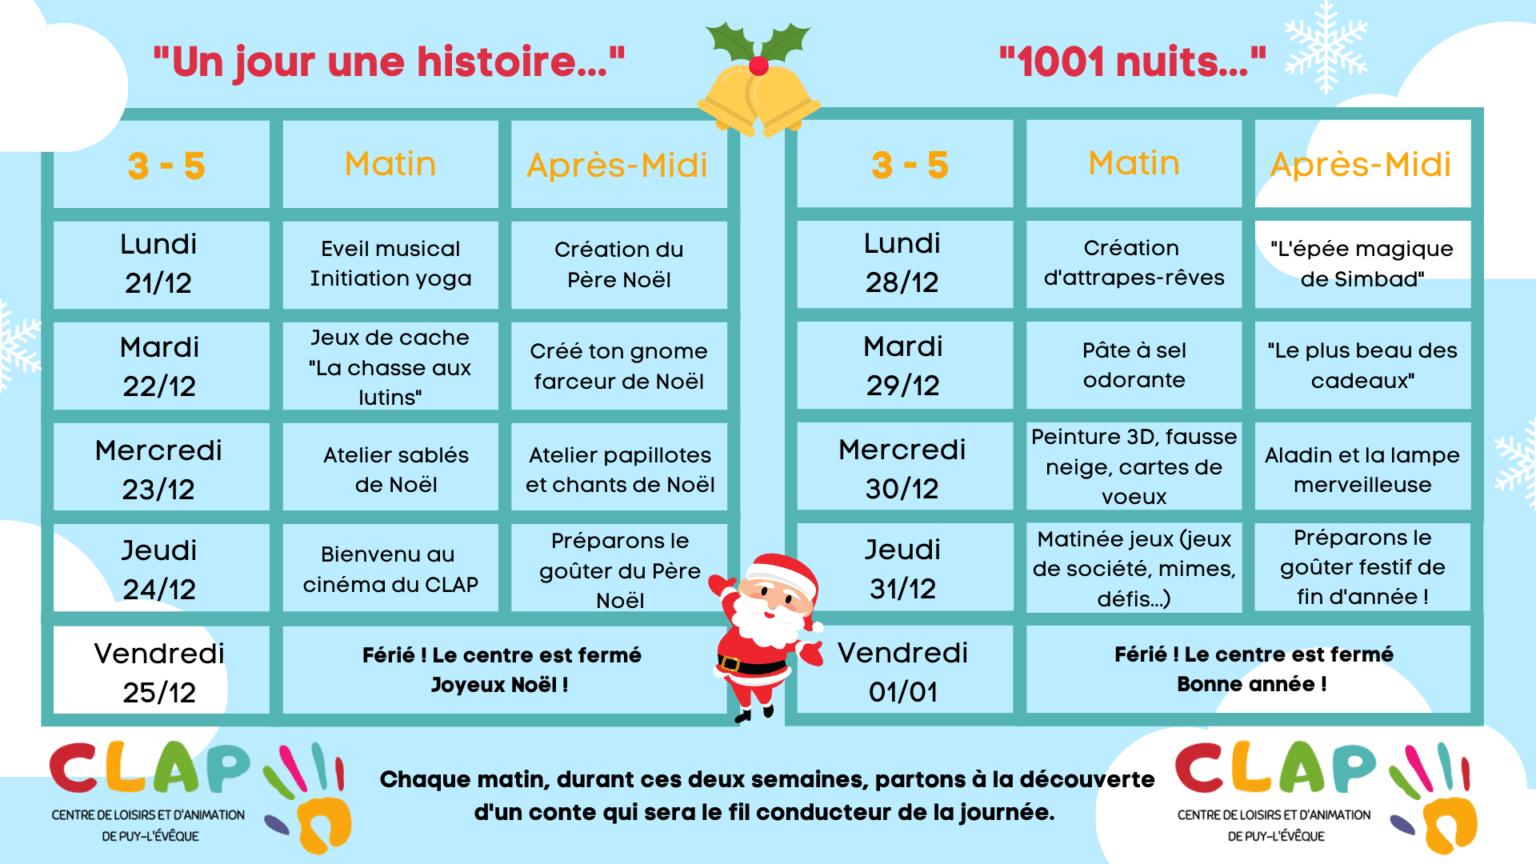 Programme des vacances de fêtes de fin d'année pour les enfants de 3 à 5 ans